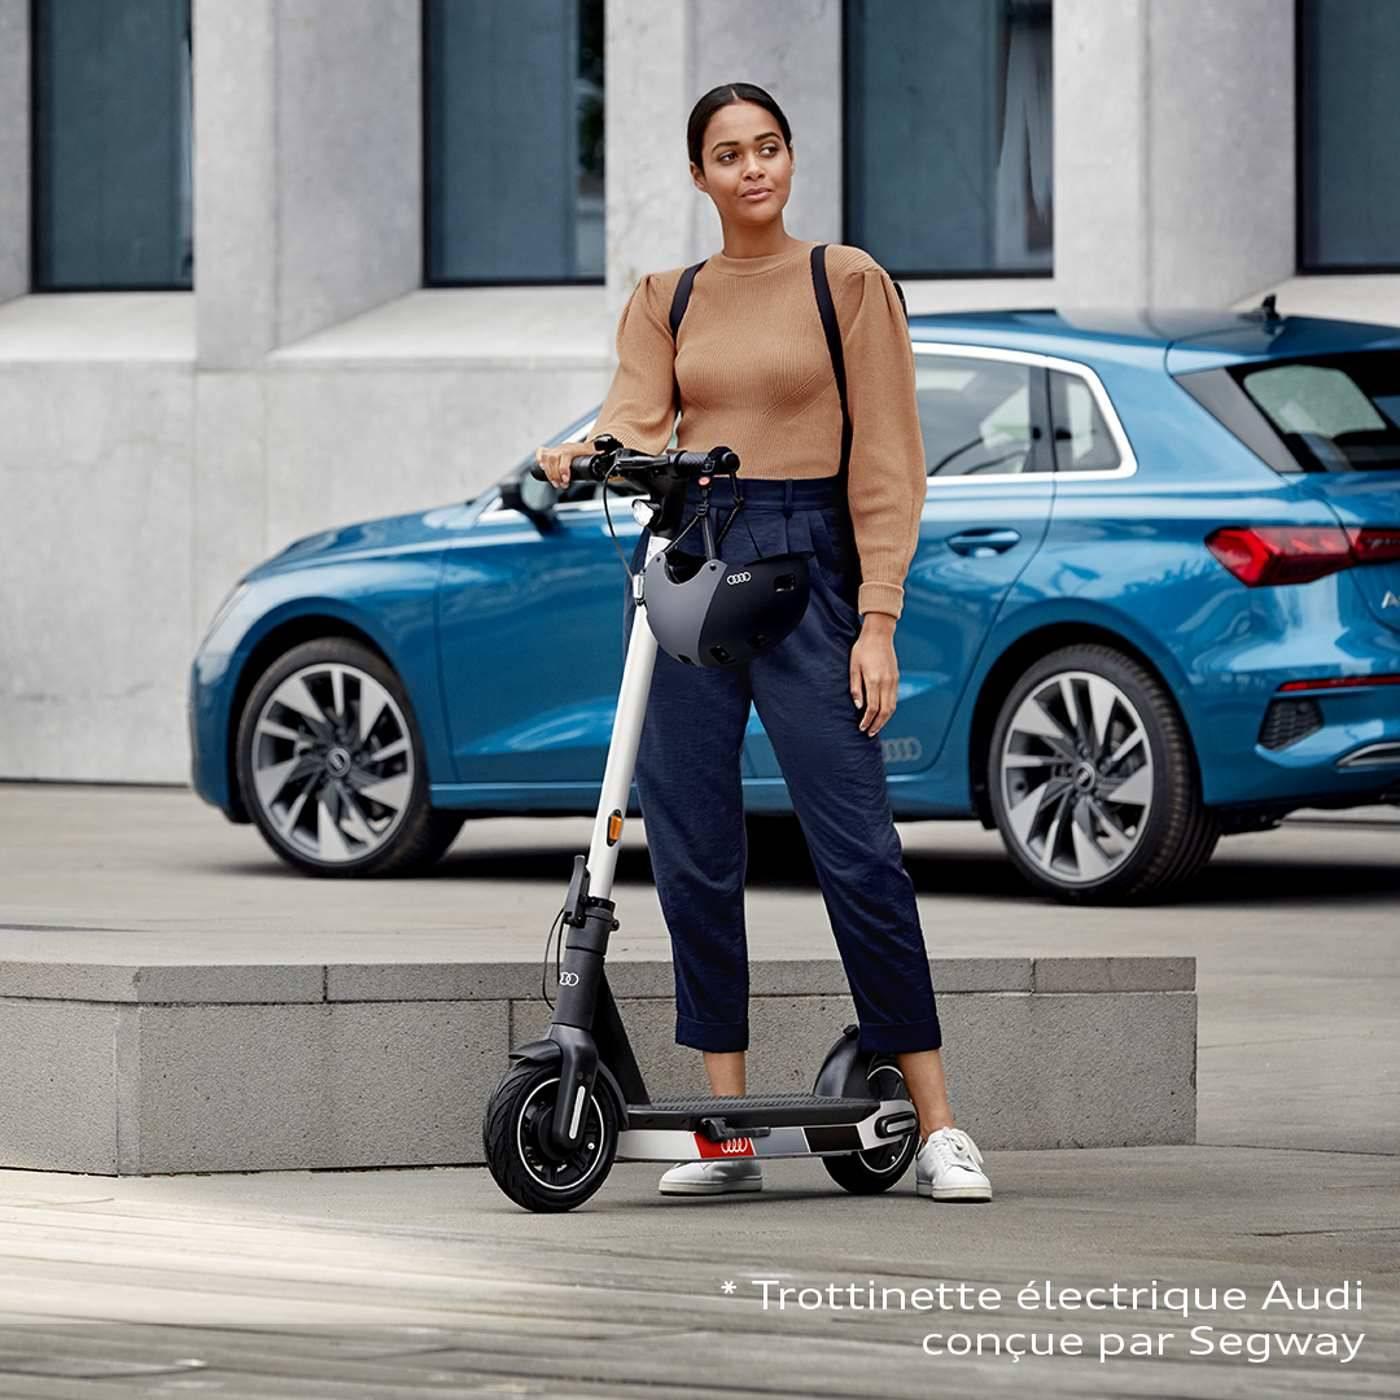 Trottinette électrique Audi electric kick scooter